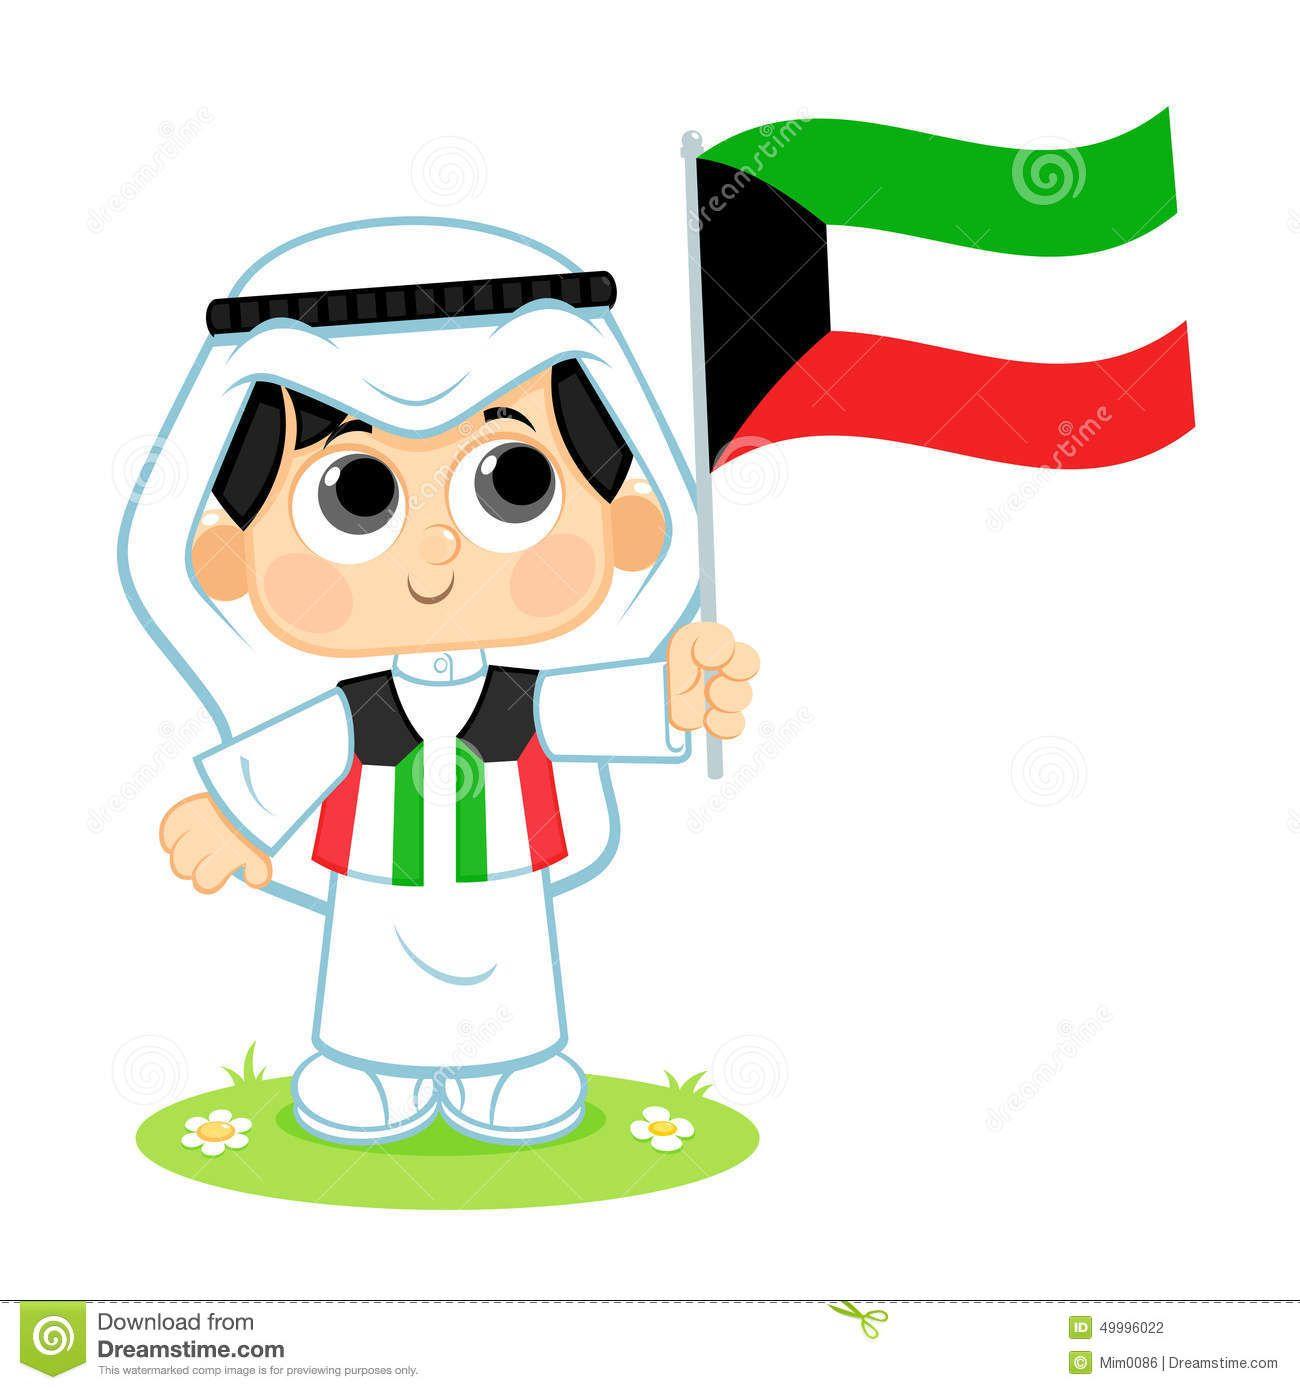 Illustration About Happy Child Celebrates Kuwait National